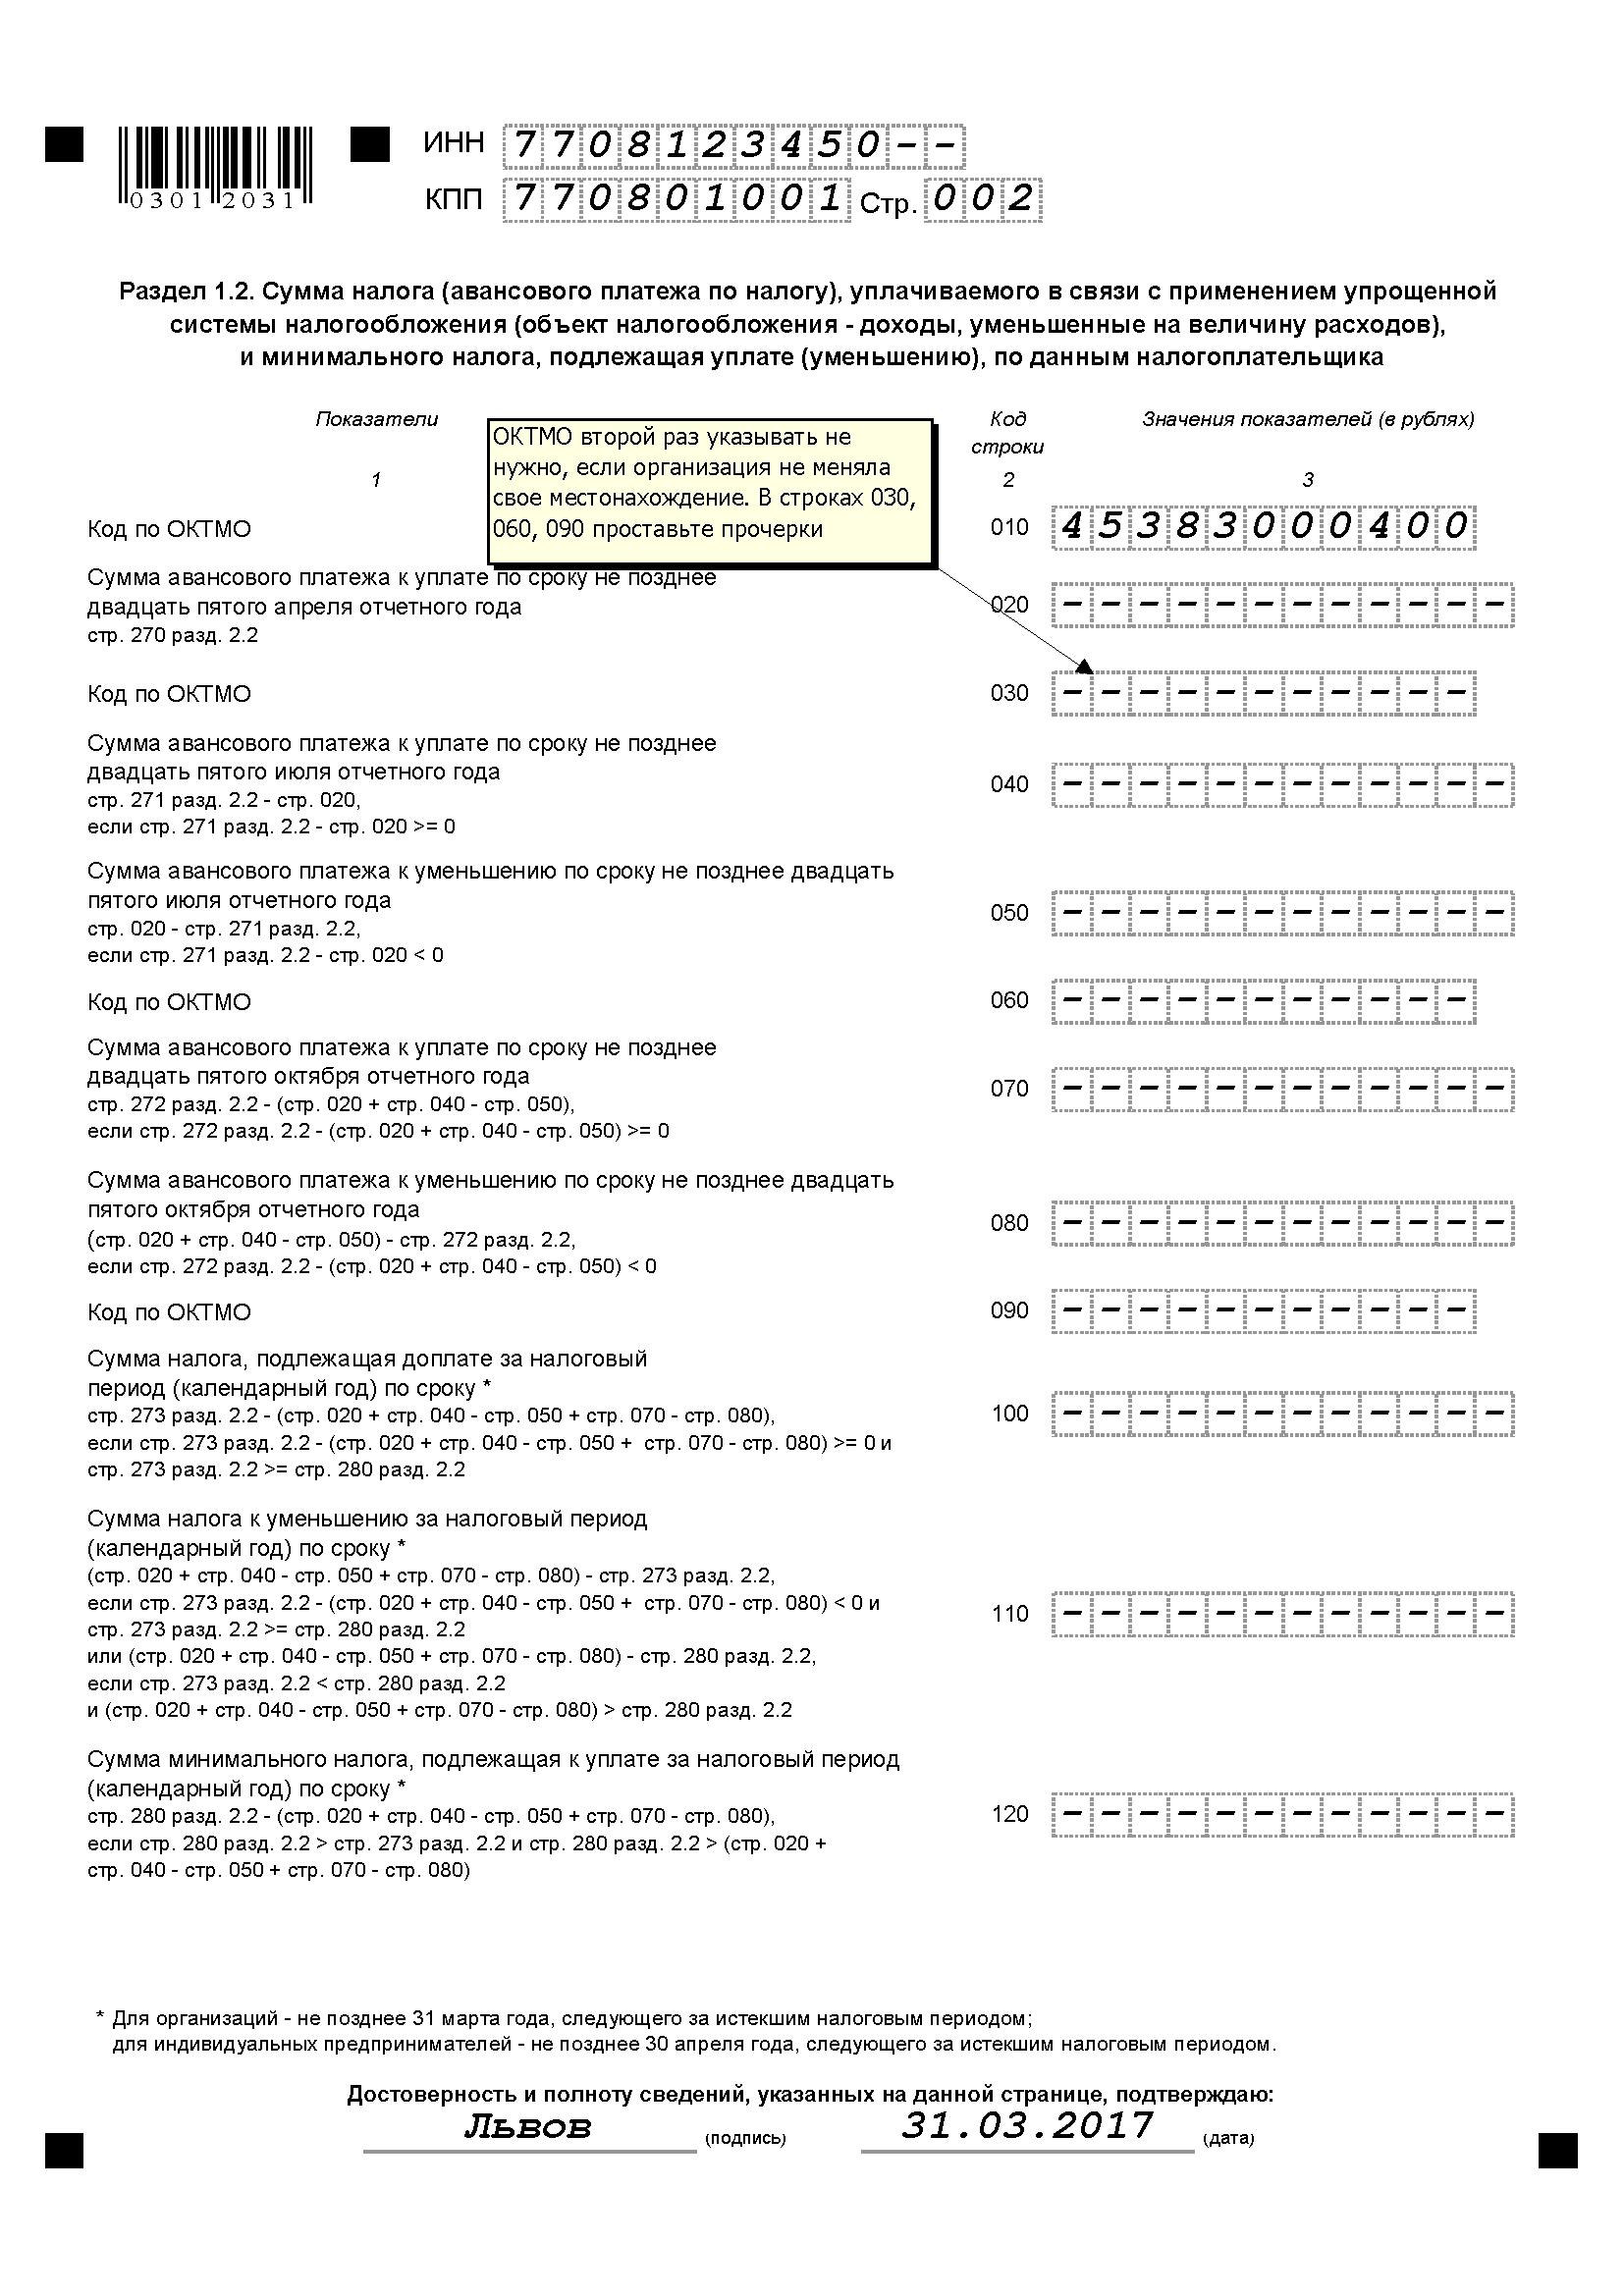 откуда скачивать бланк налоговой декларации